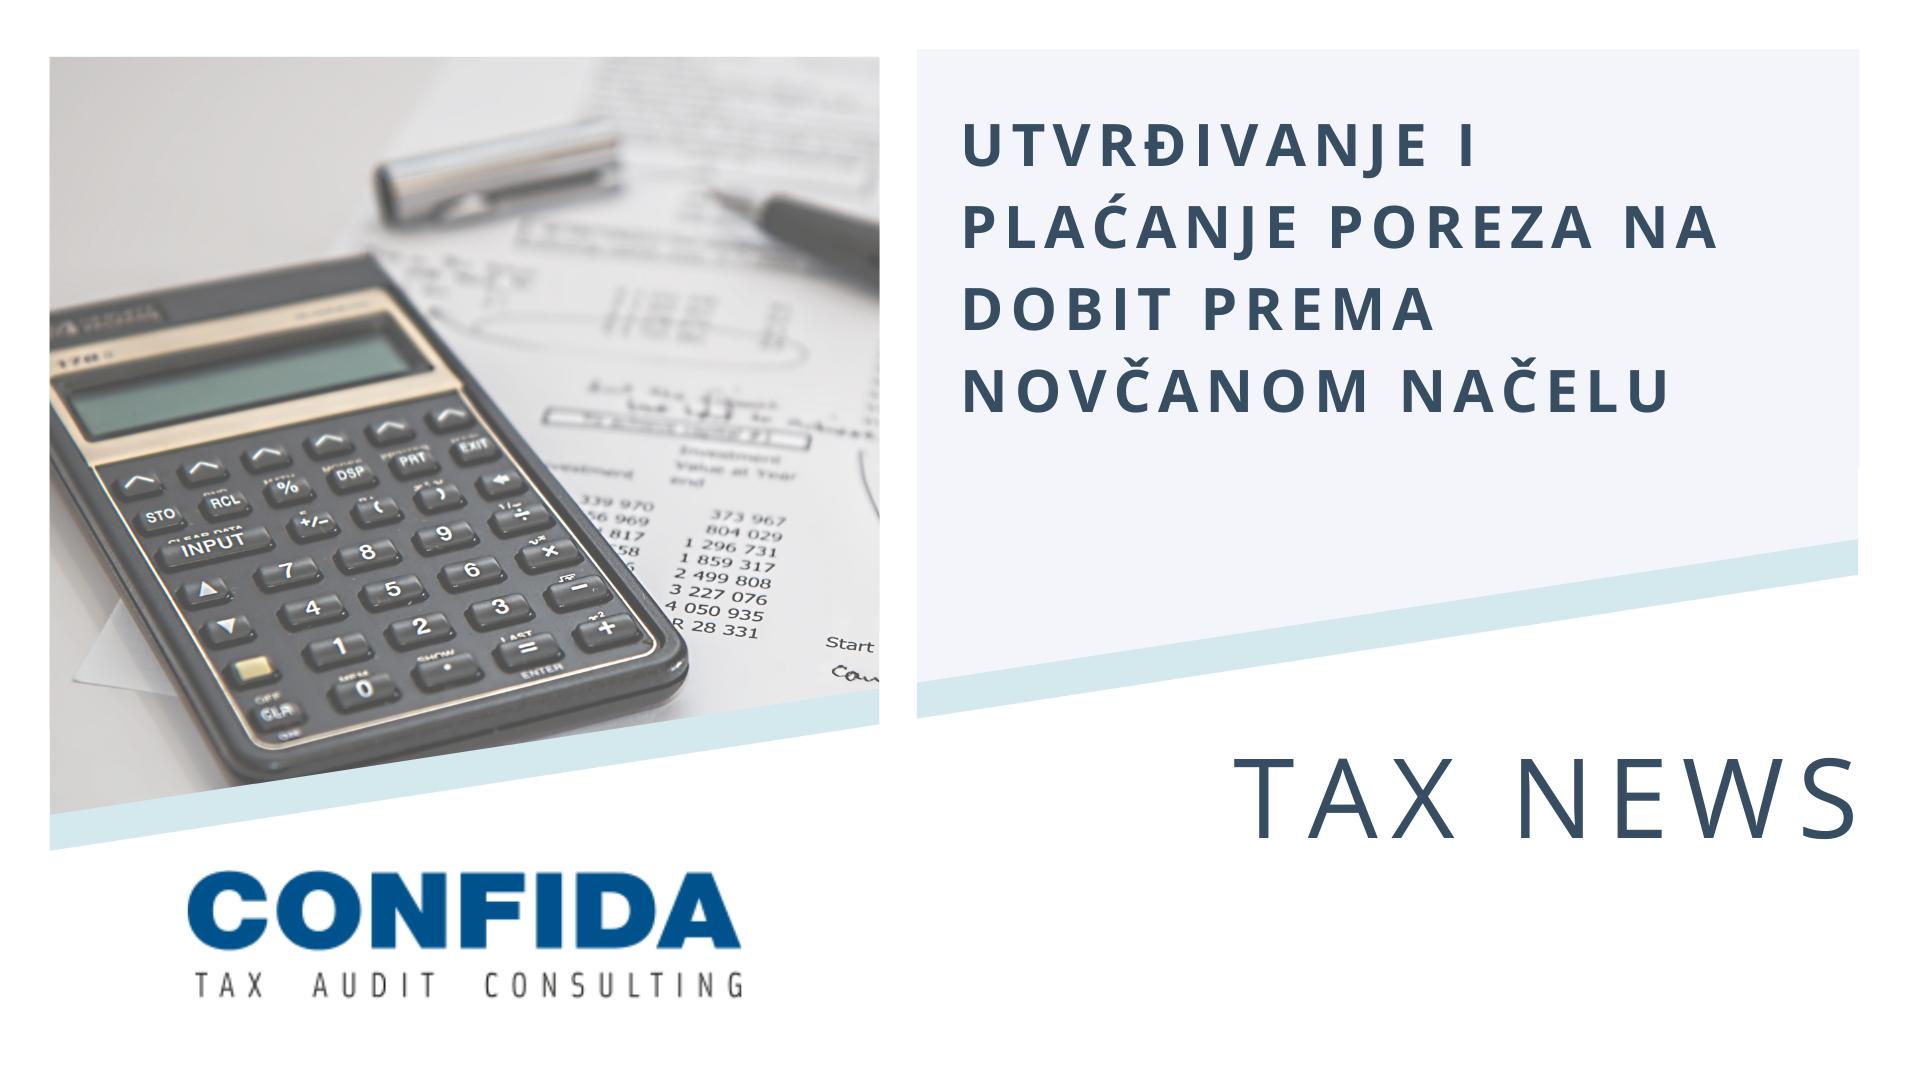 Utvrđivanje i plaćanje poreza na dobit prema novčanom načelu